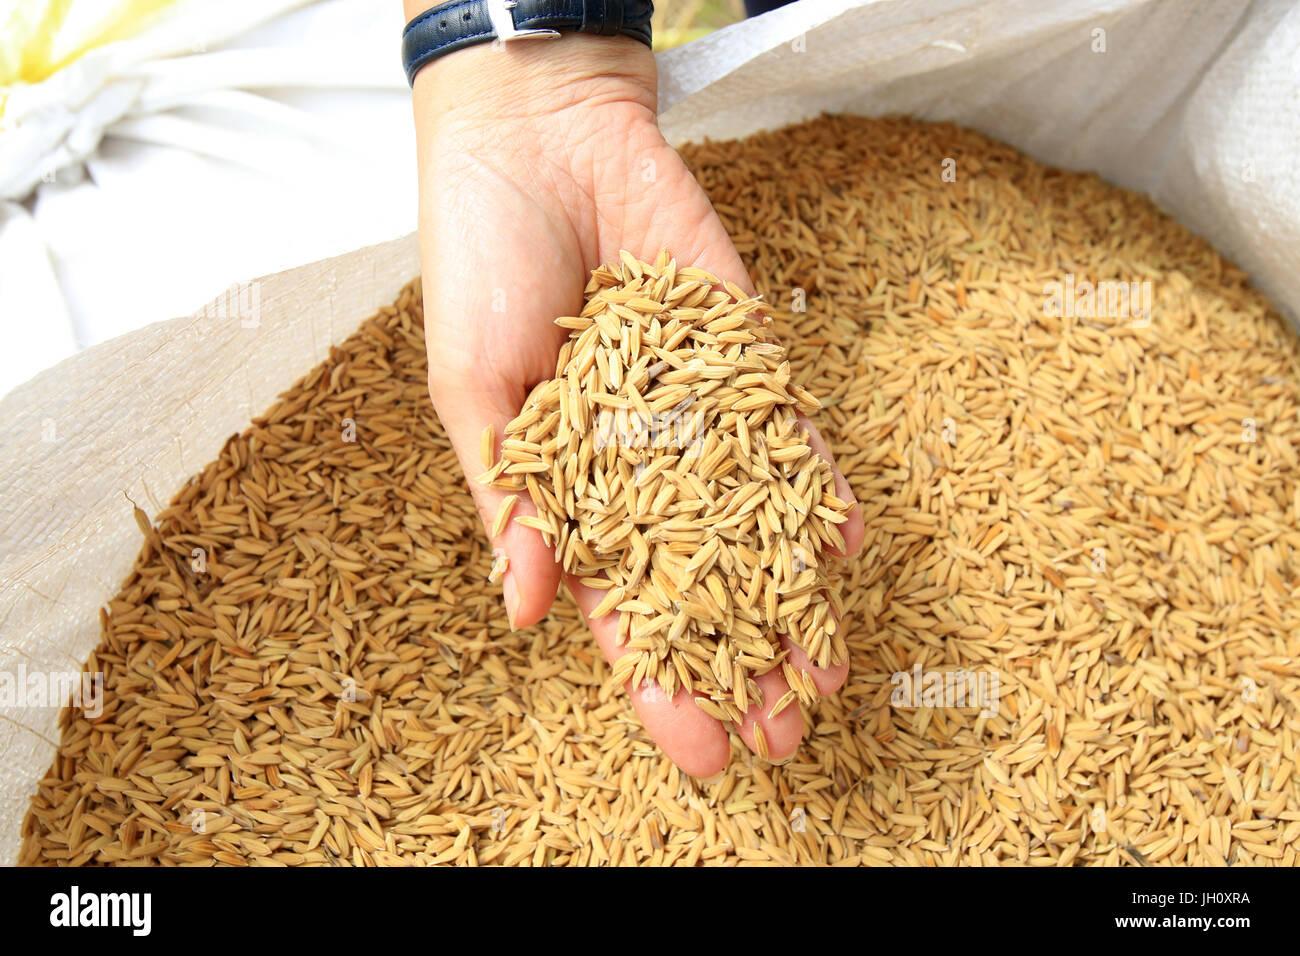 L'agriculture. La récolte. Des grains de riz. Le Laos. Photo Stock